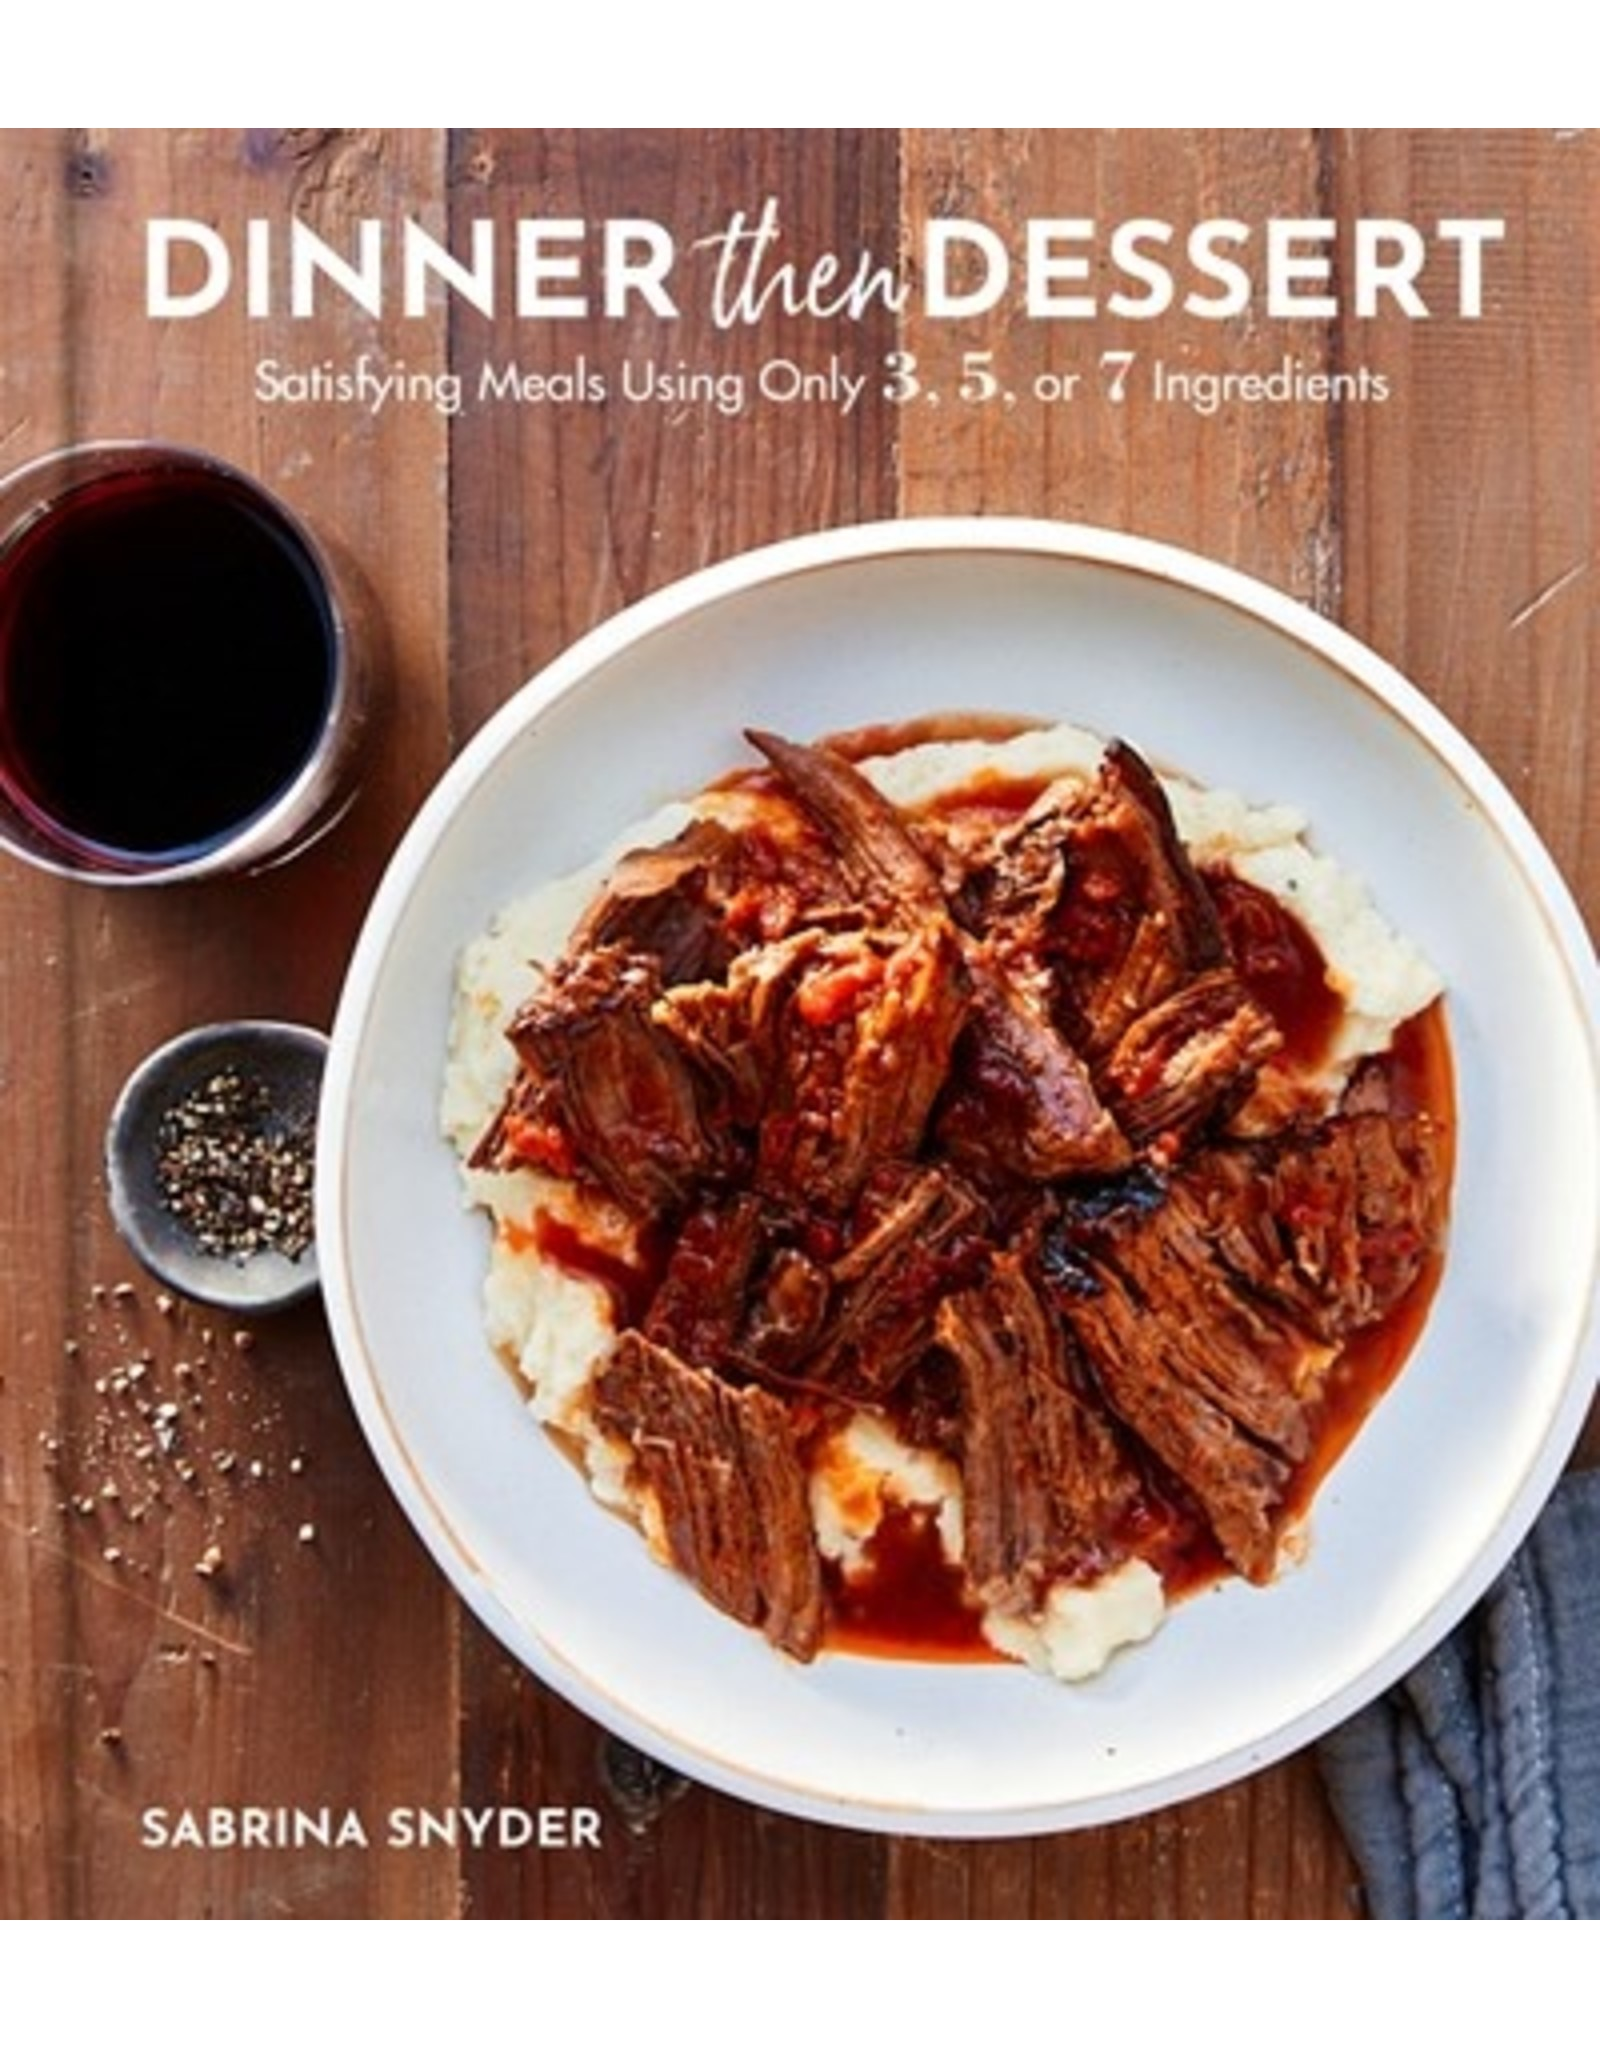 Books Dinner Then Dessert by Sabrina Snyder